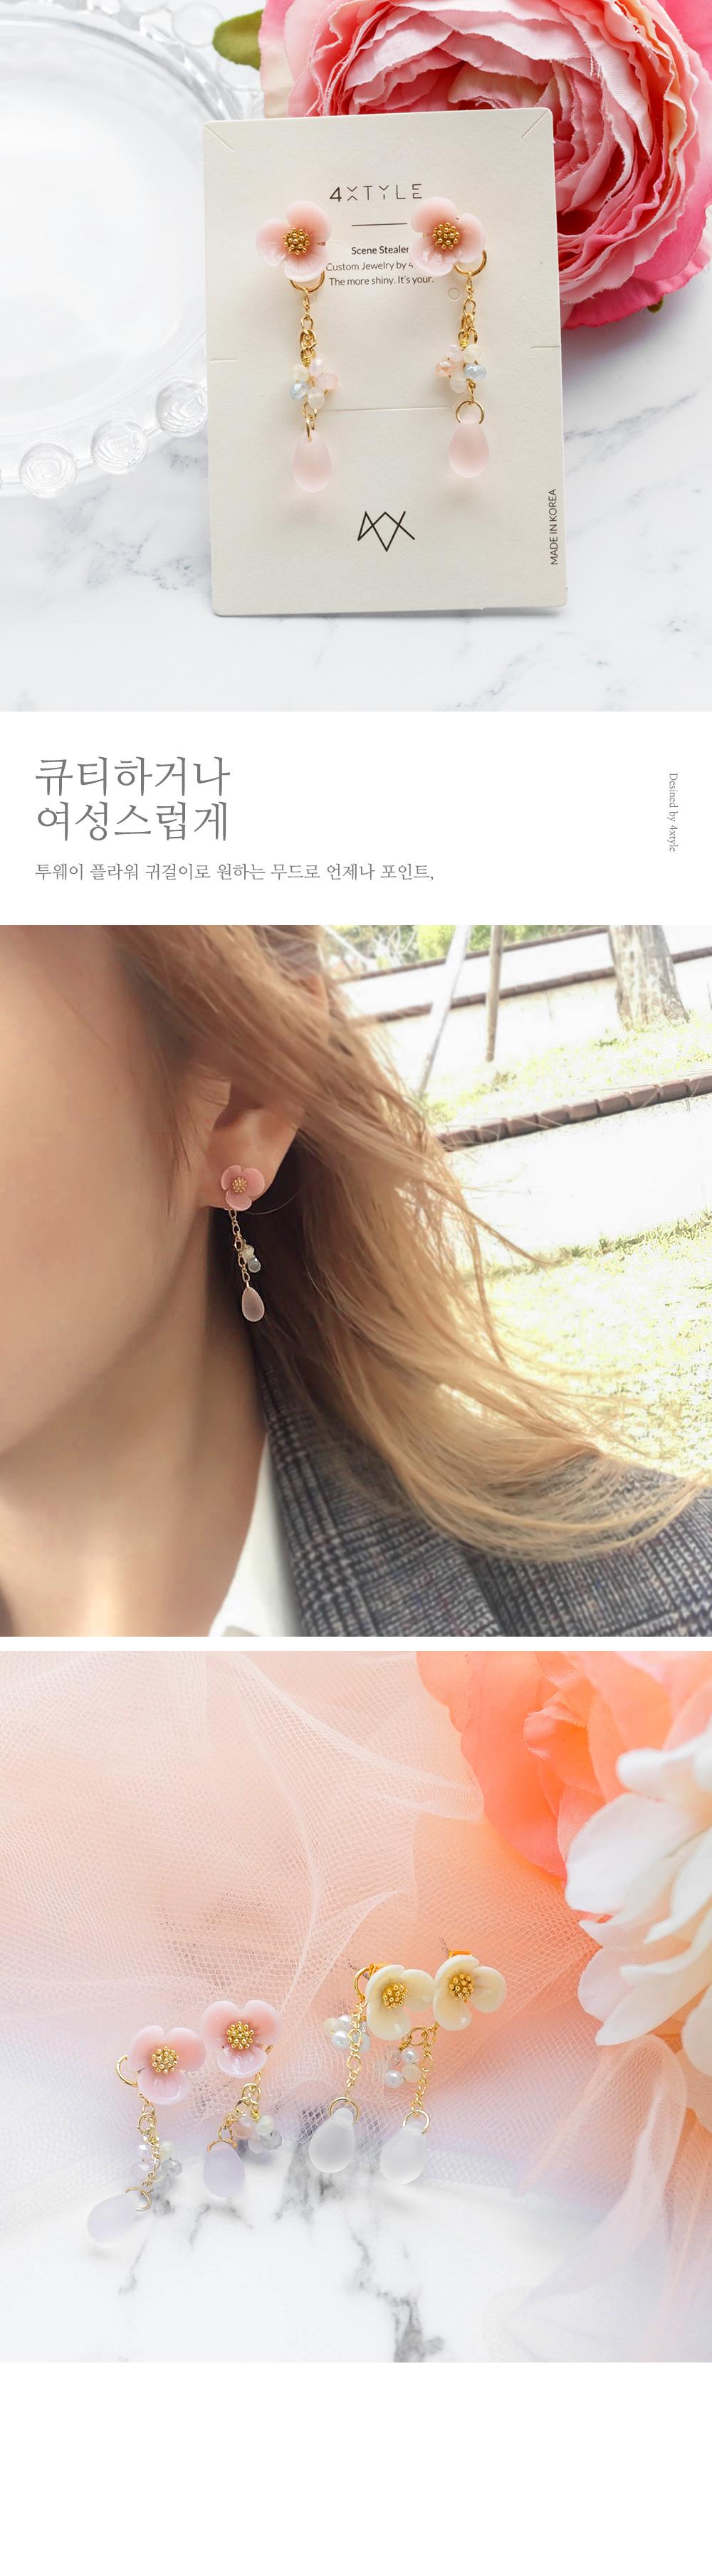 메이 플라워 투웨이 귀걸이 - 폭스타일, 11,000원, 진주/원석, 드롭귀걸이